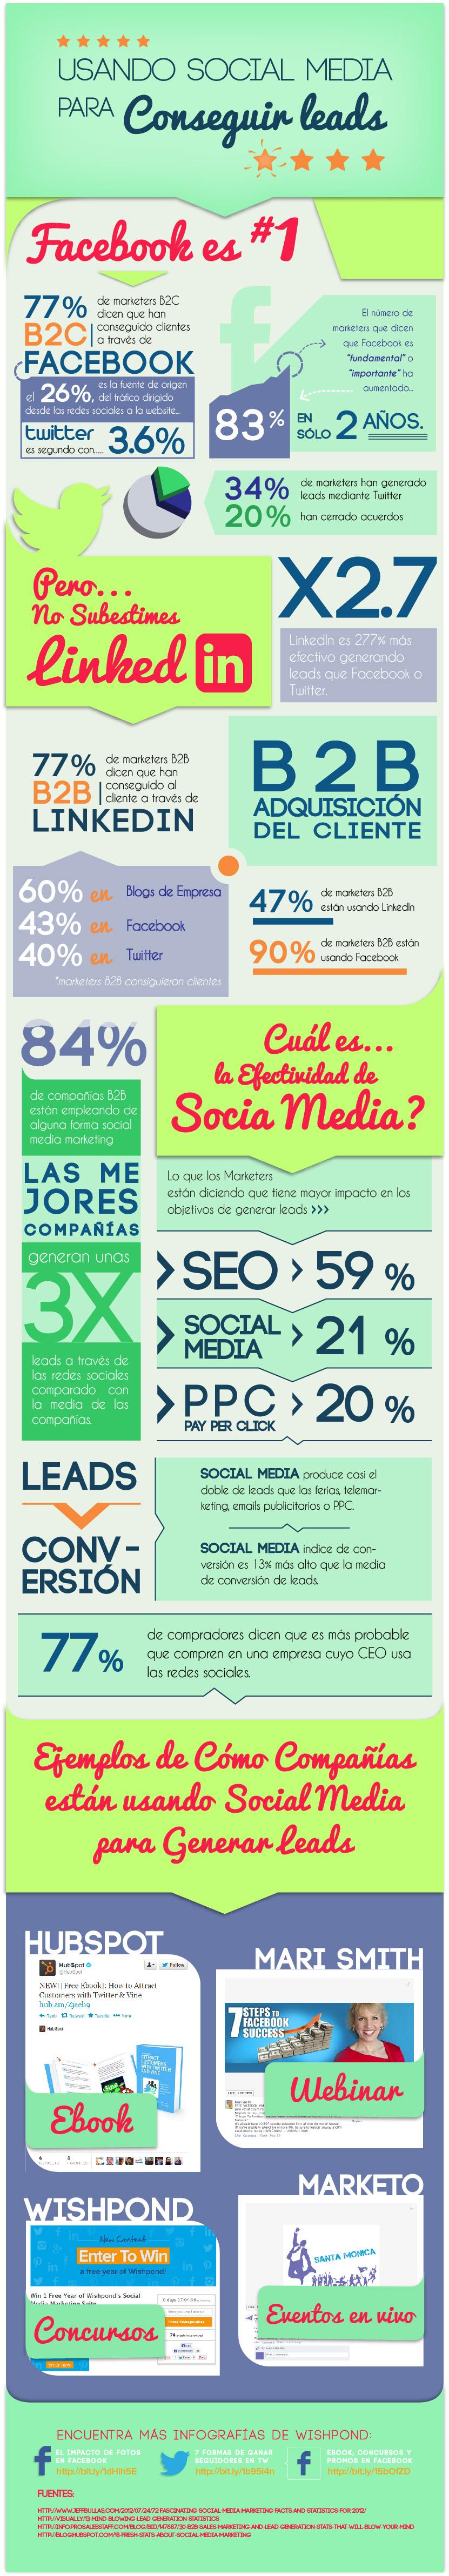 Usa las Redes Sociales para conseguir leads